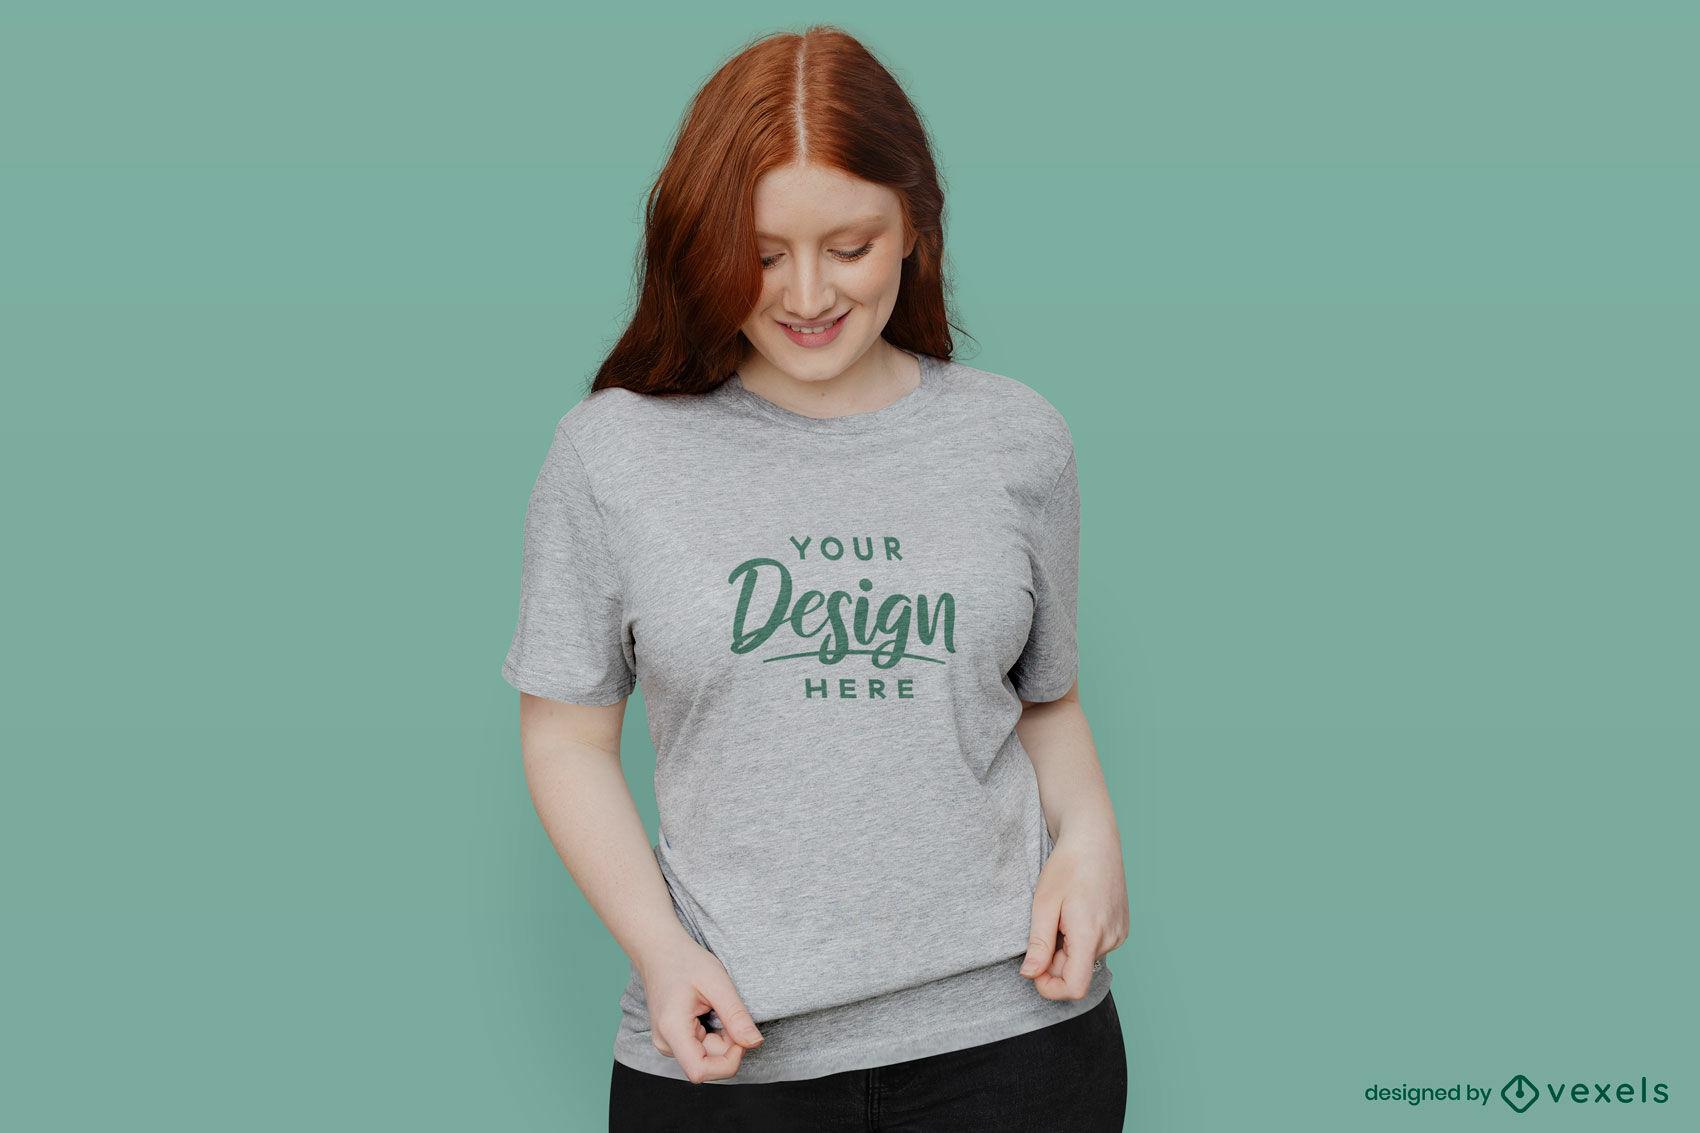 Mädchen im grauen T-Shirt mit grünem Hintergrundmodell